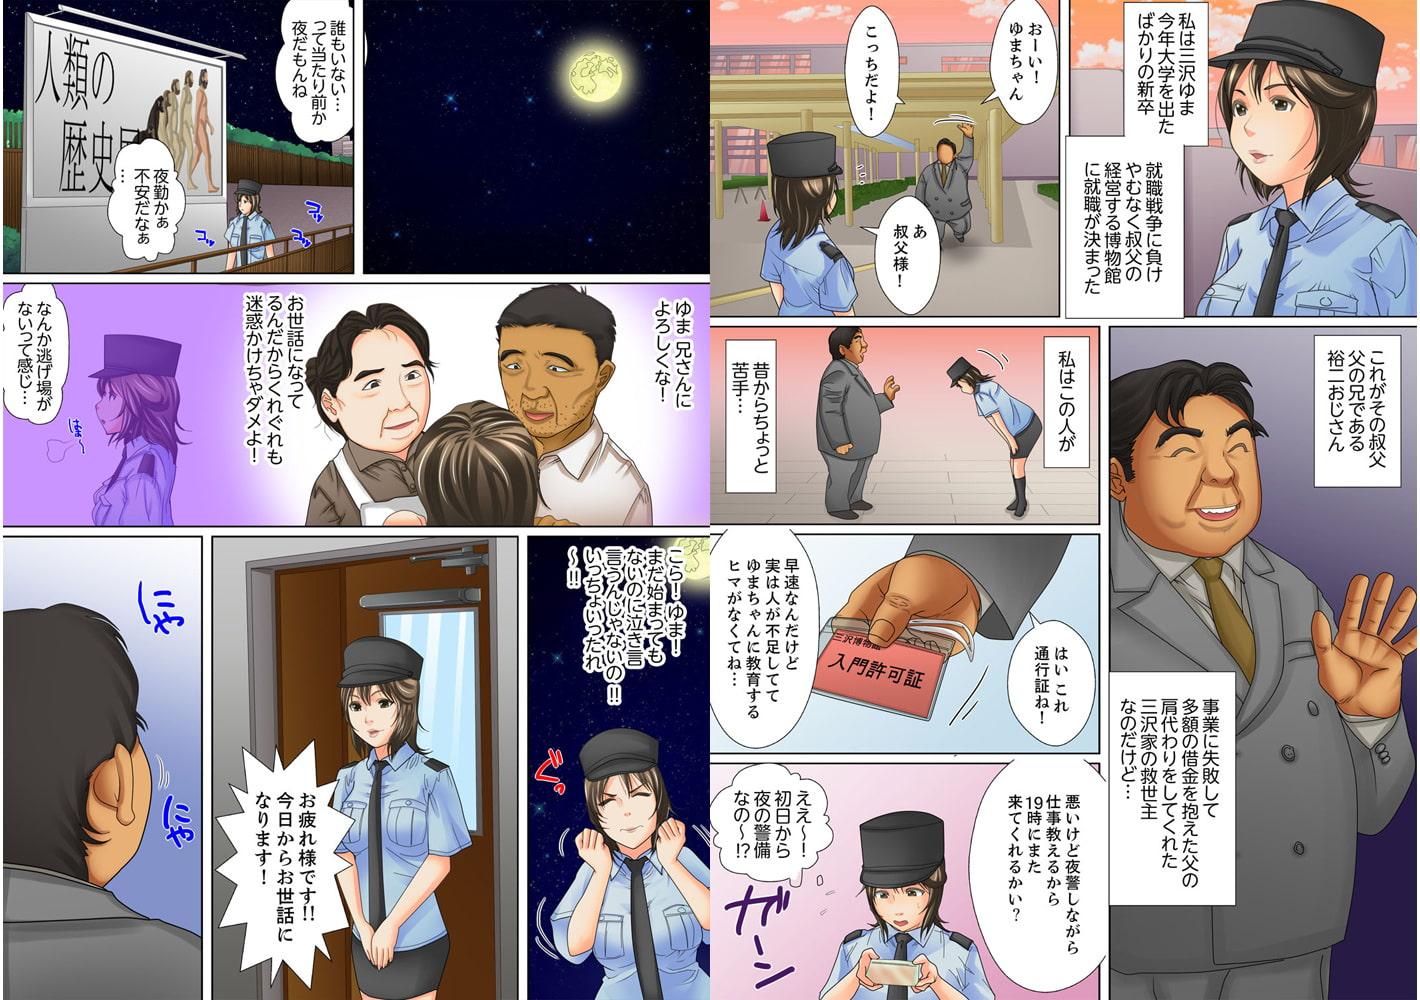 囚姦ナイトミュージアム~性に飢えた偉人たち~【完全版】